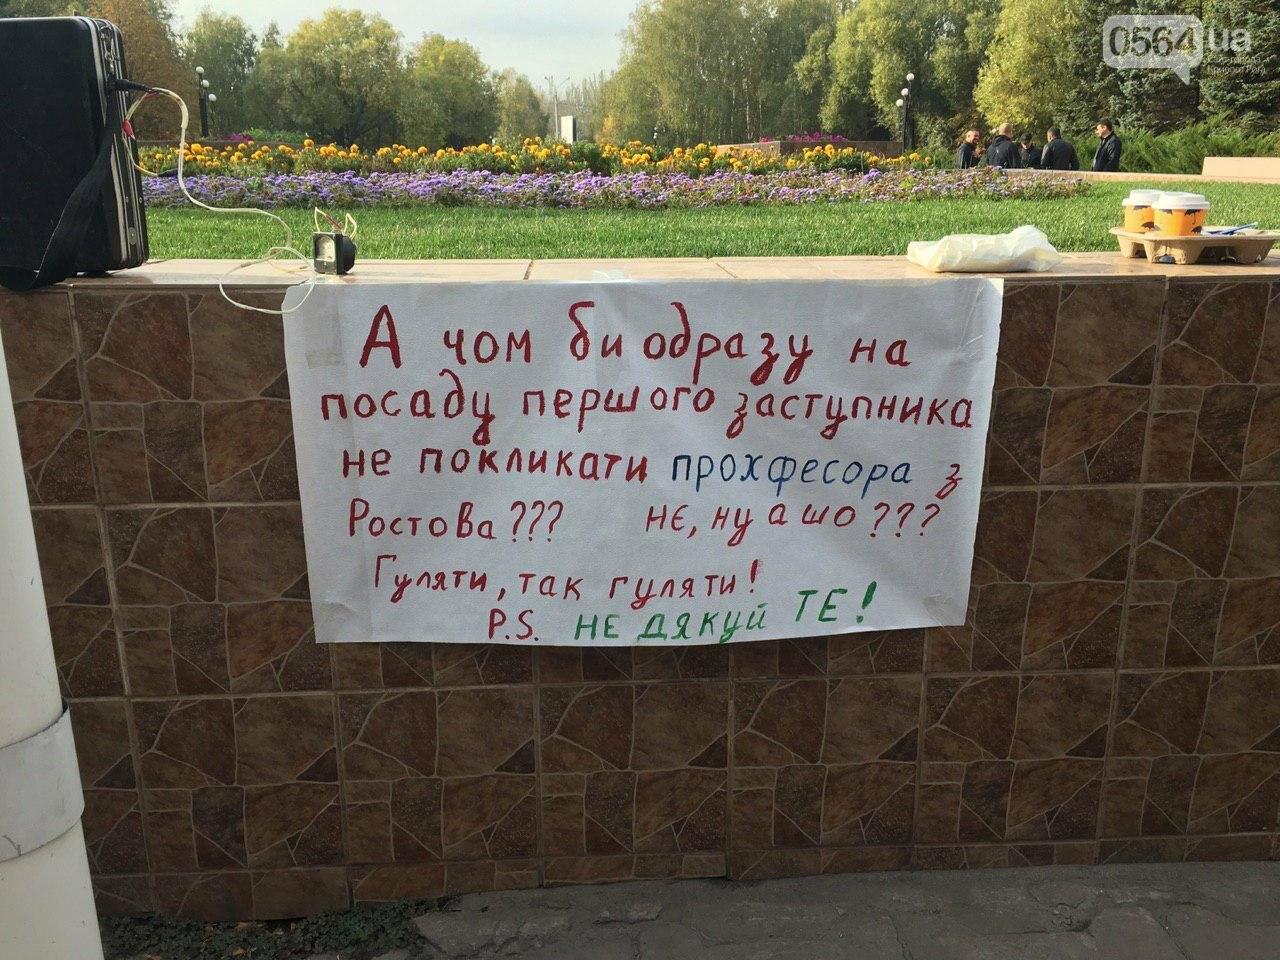 Криворожские активисты вместо Павлова на должность заместителя мэра Кривого Рога предложили Януковича, - ФОТО, ВИДЕО, фото-6